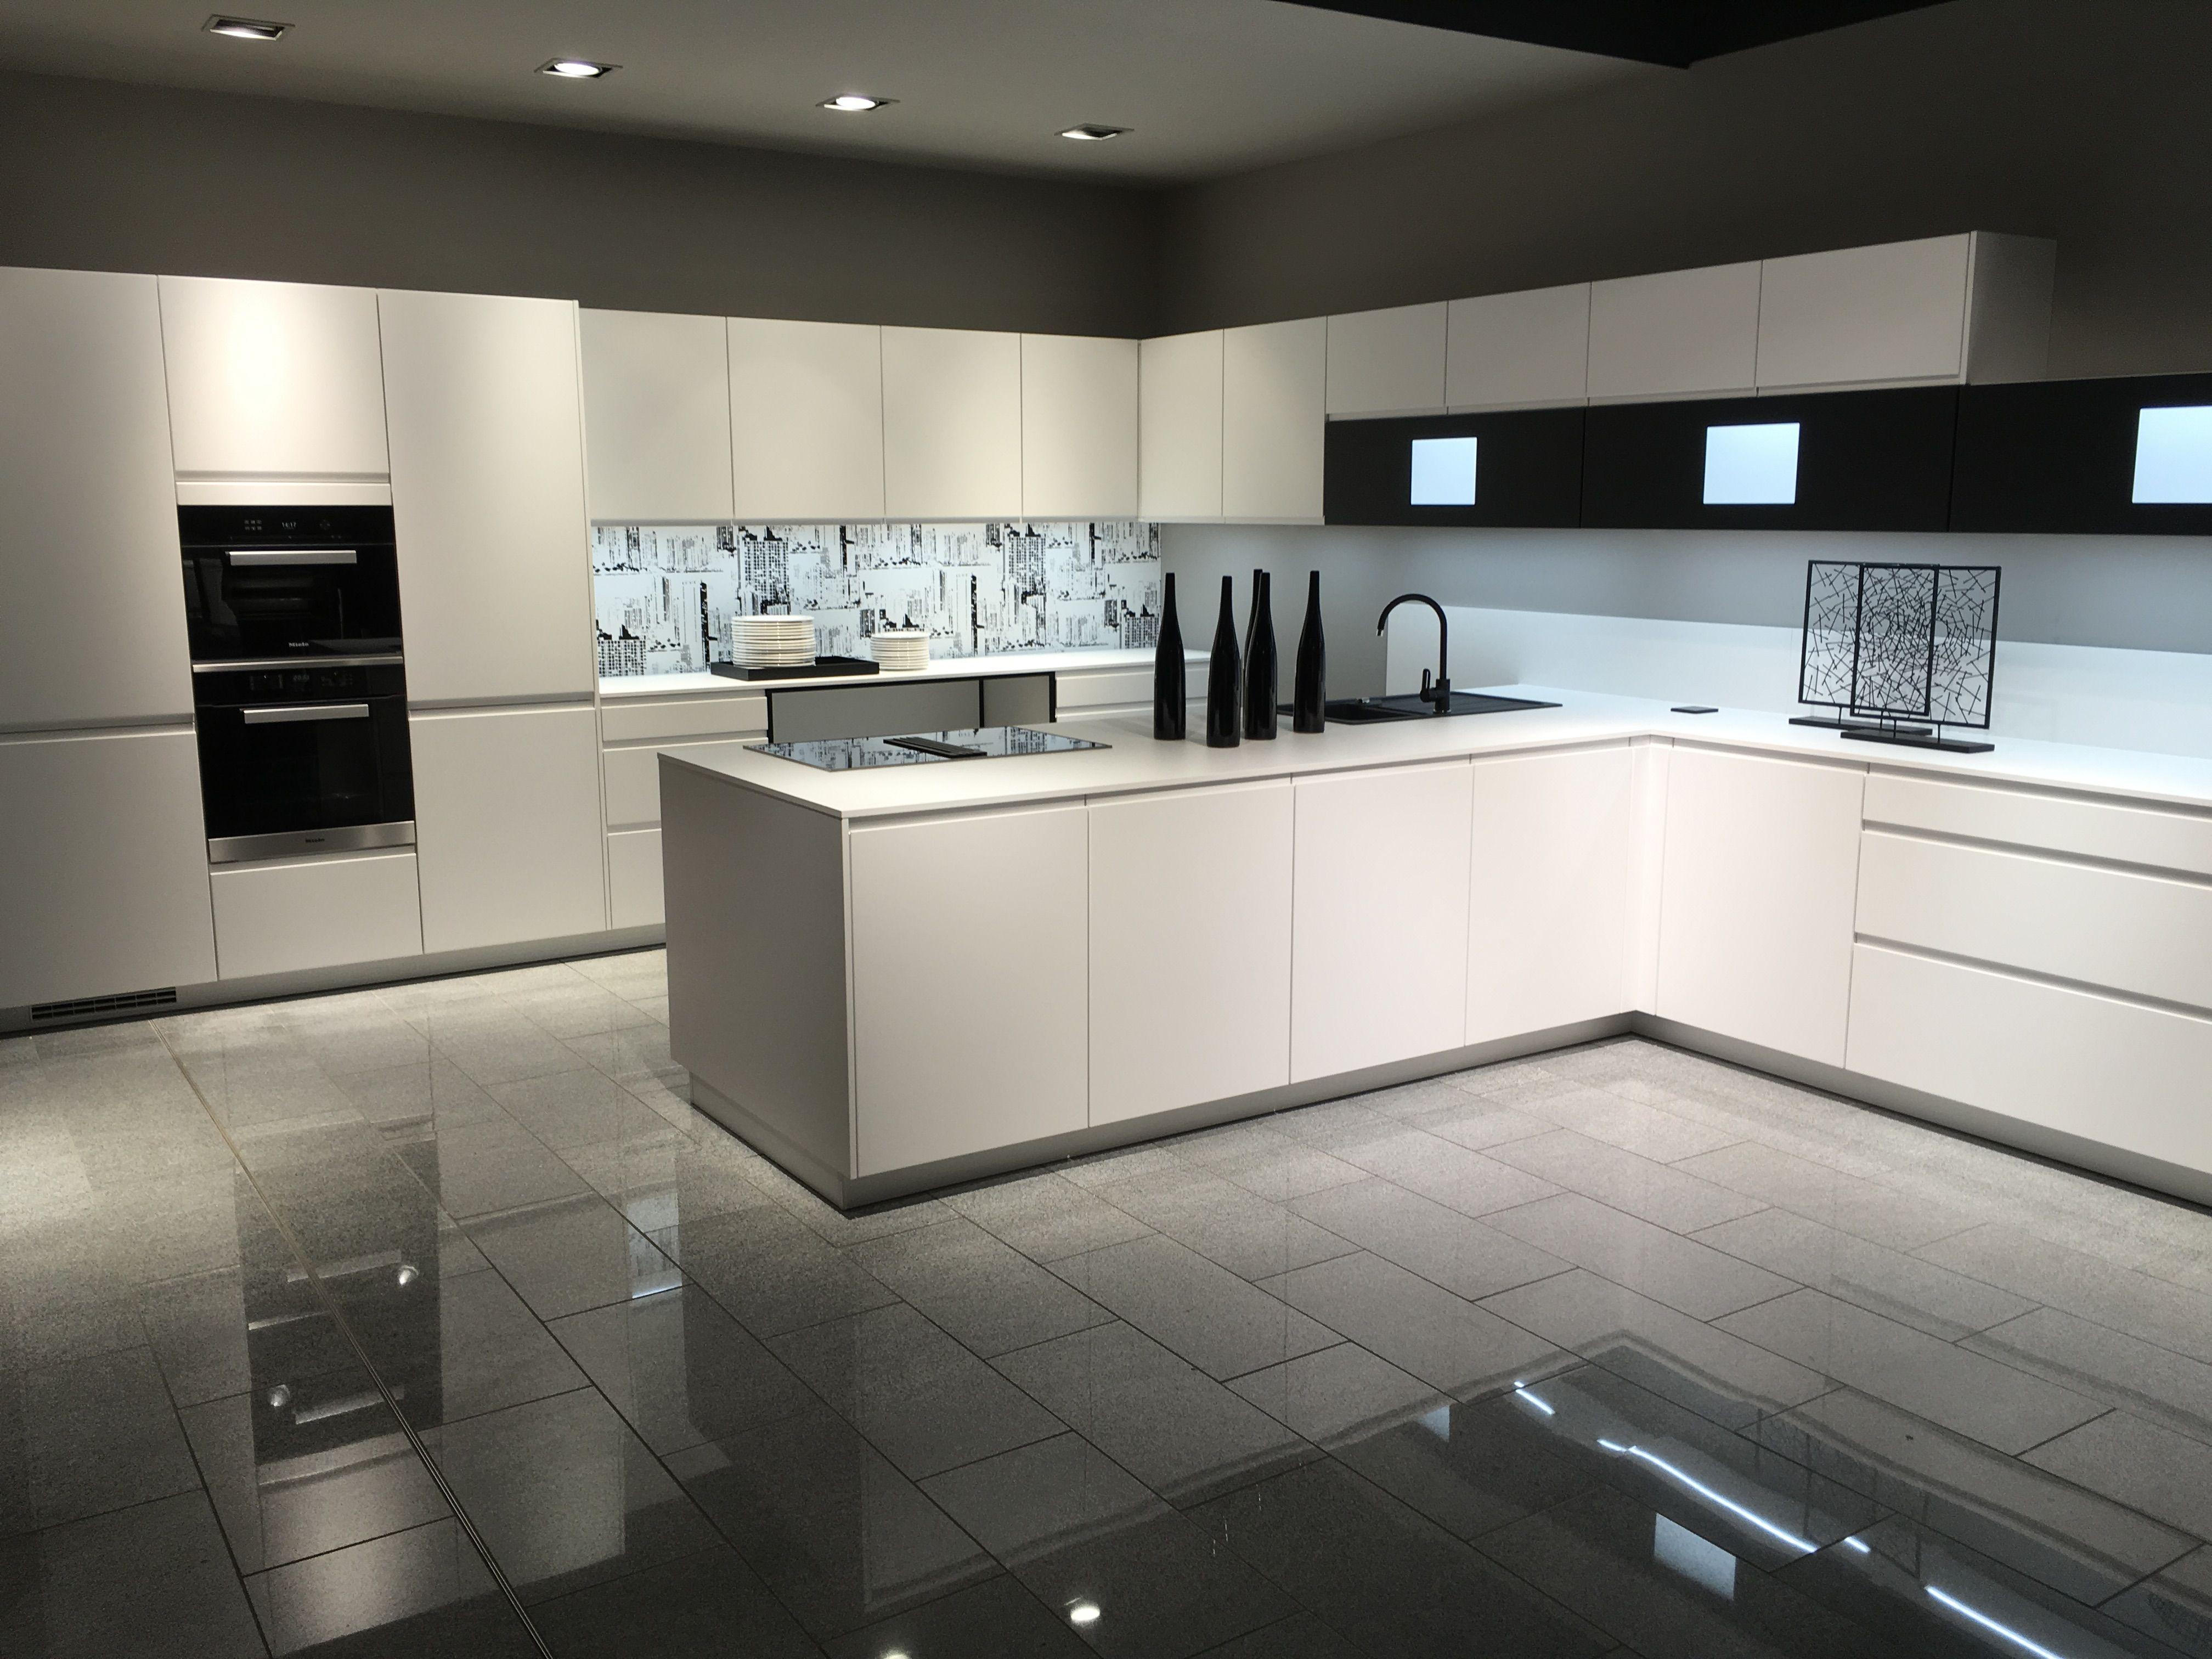 Macht die weiße Küche aufregend: Nischenrückwand mit Druck und